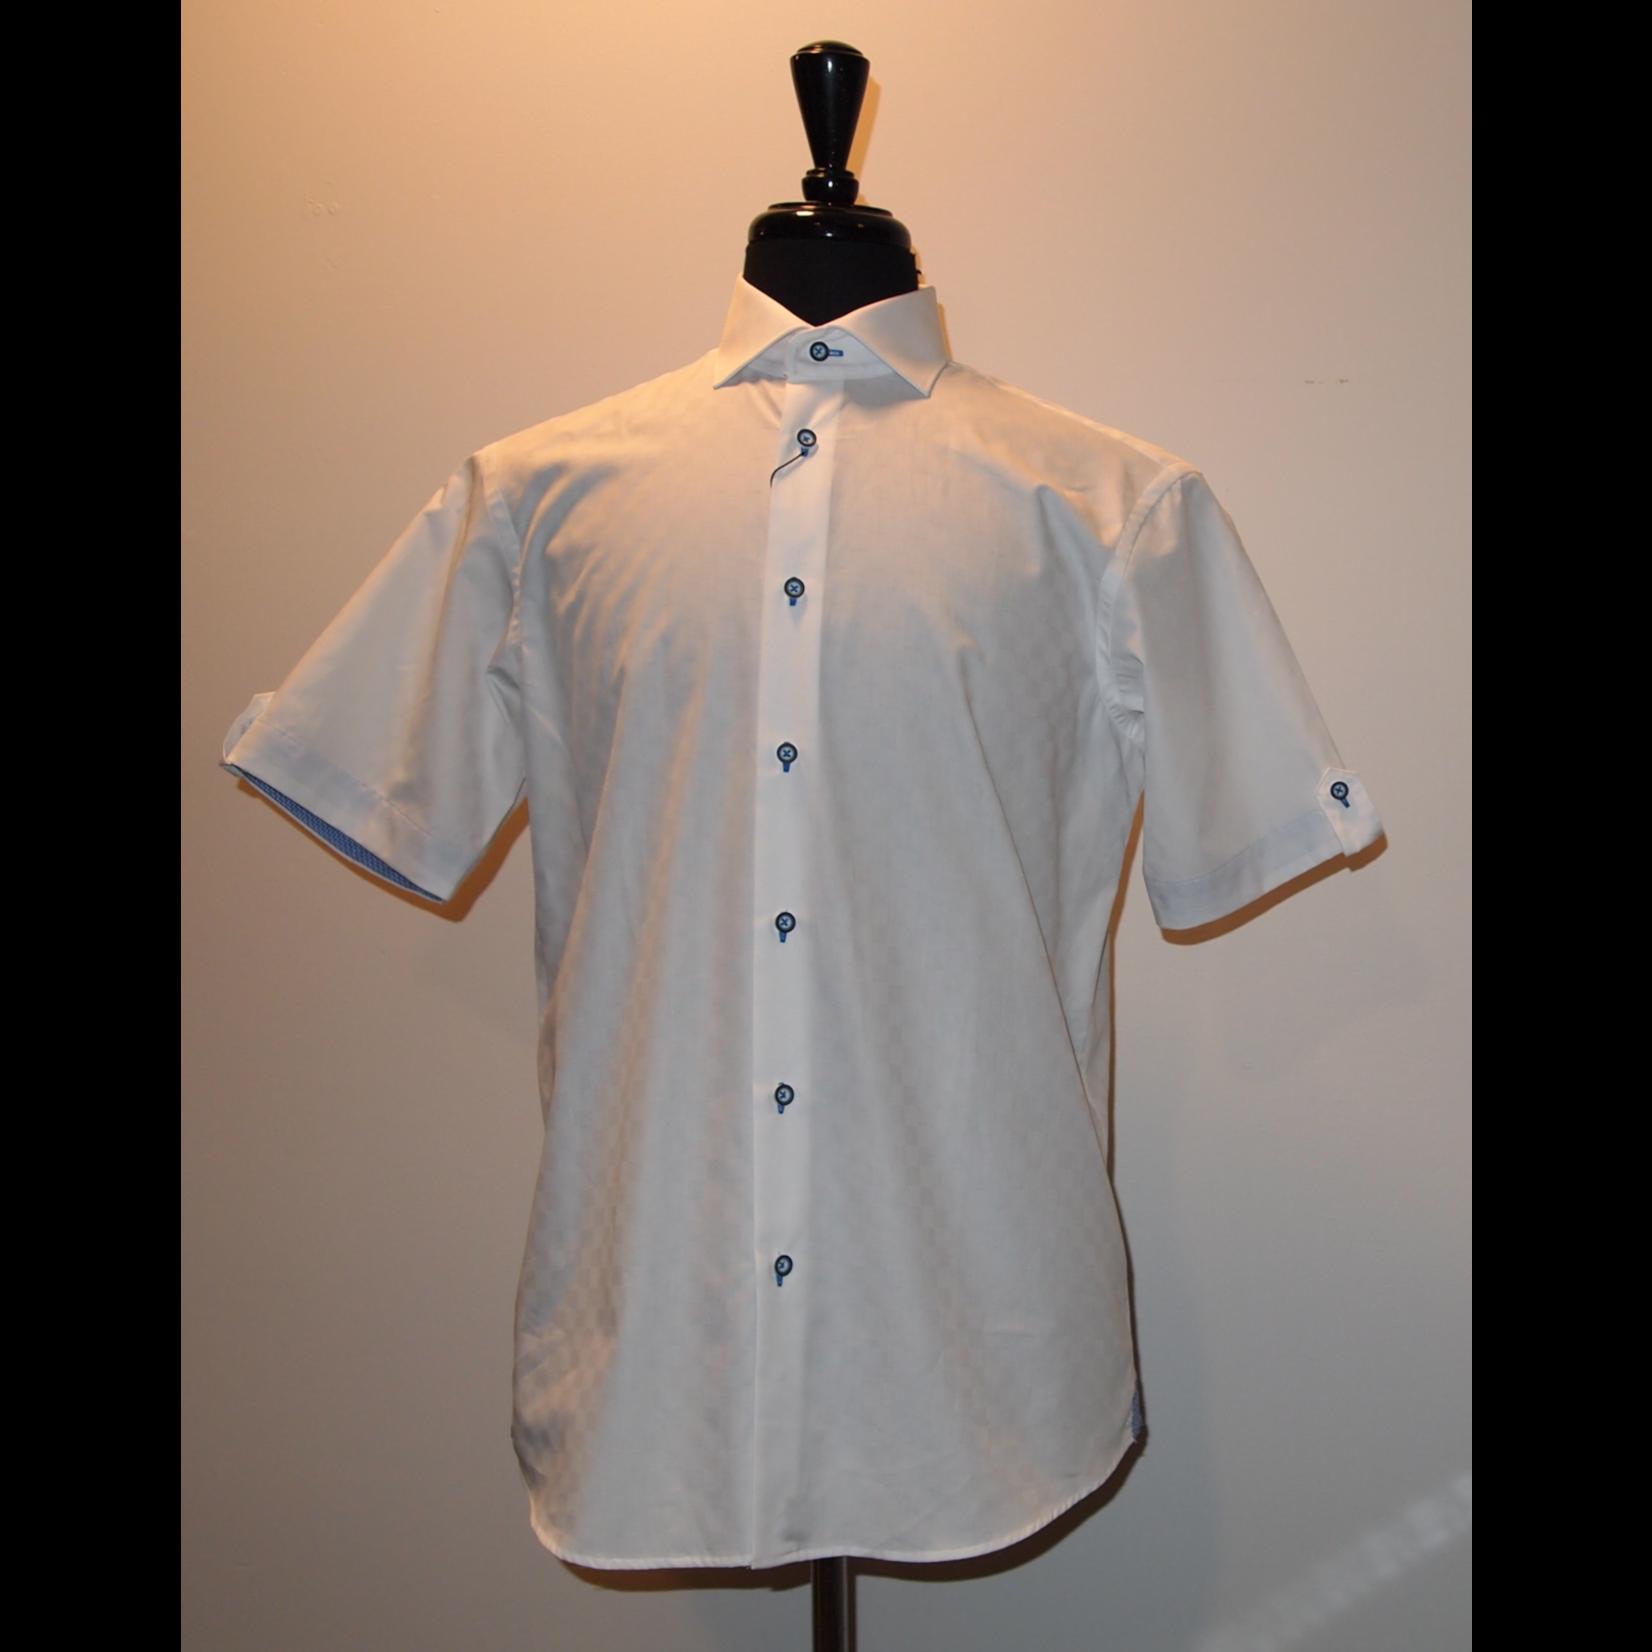 Polifroni BLU B2147514 Short Sleeve Sportshirt